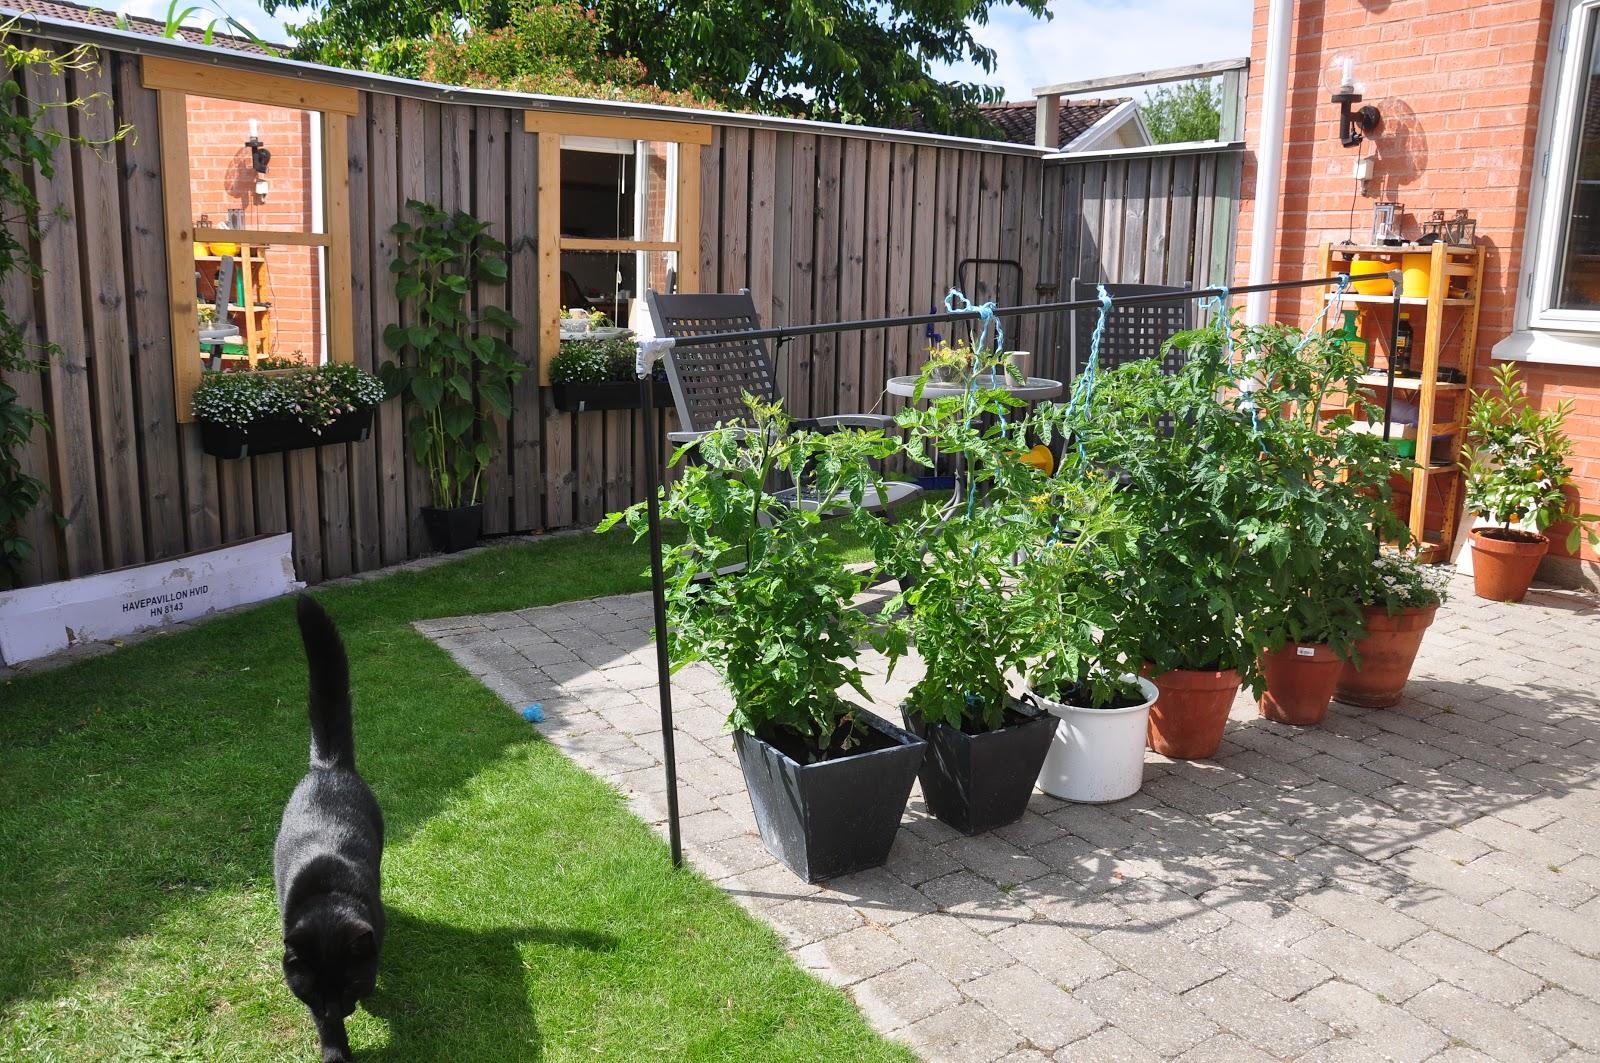 Trädgård plank trädgård : Husvagn och trädgÃ¥rd | Min husvagn och jag